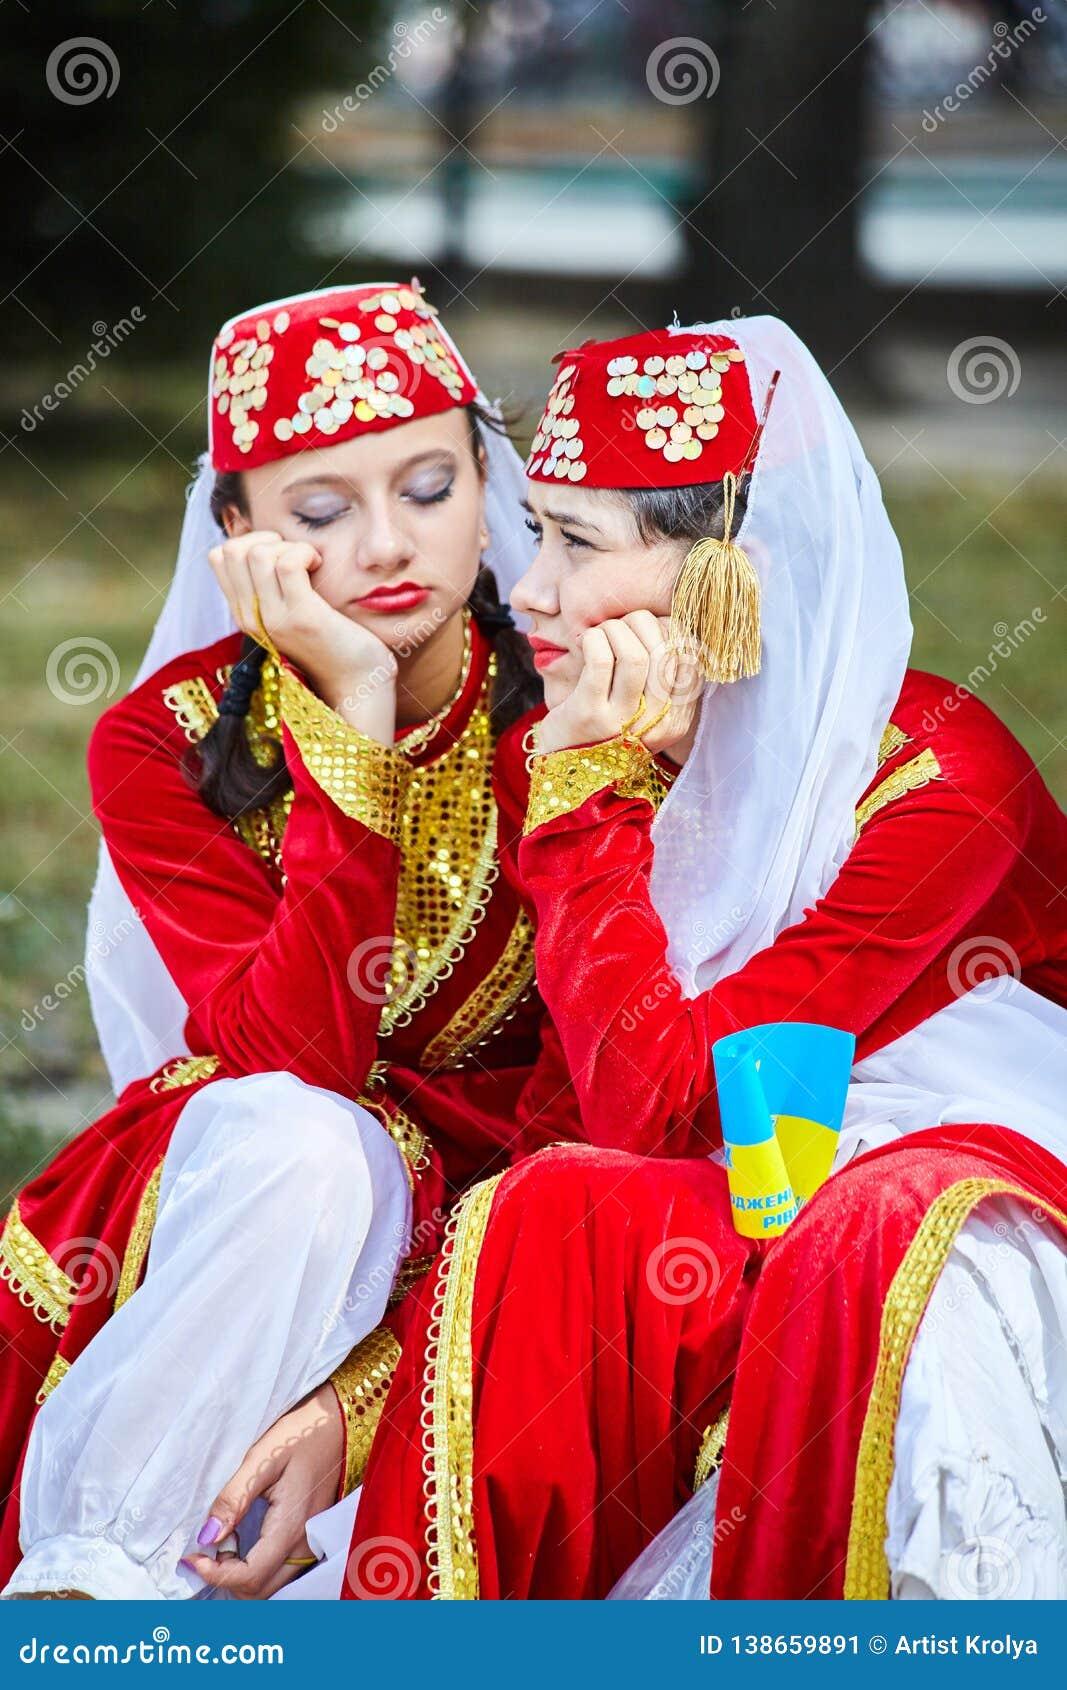 Les filles tatars arméniennes dans des costumes de folklore attendent leur représentation